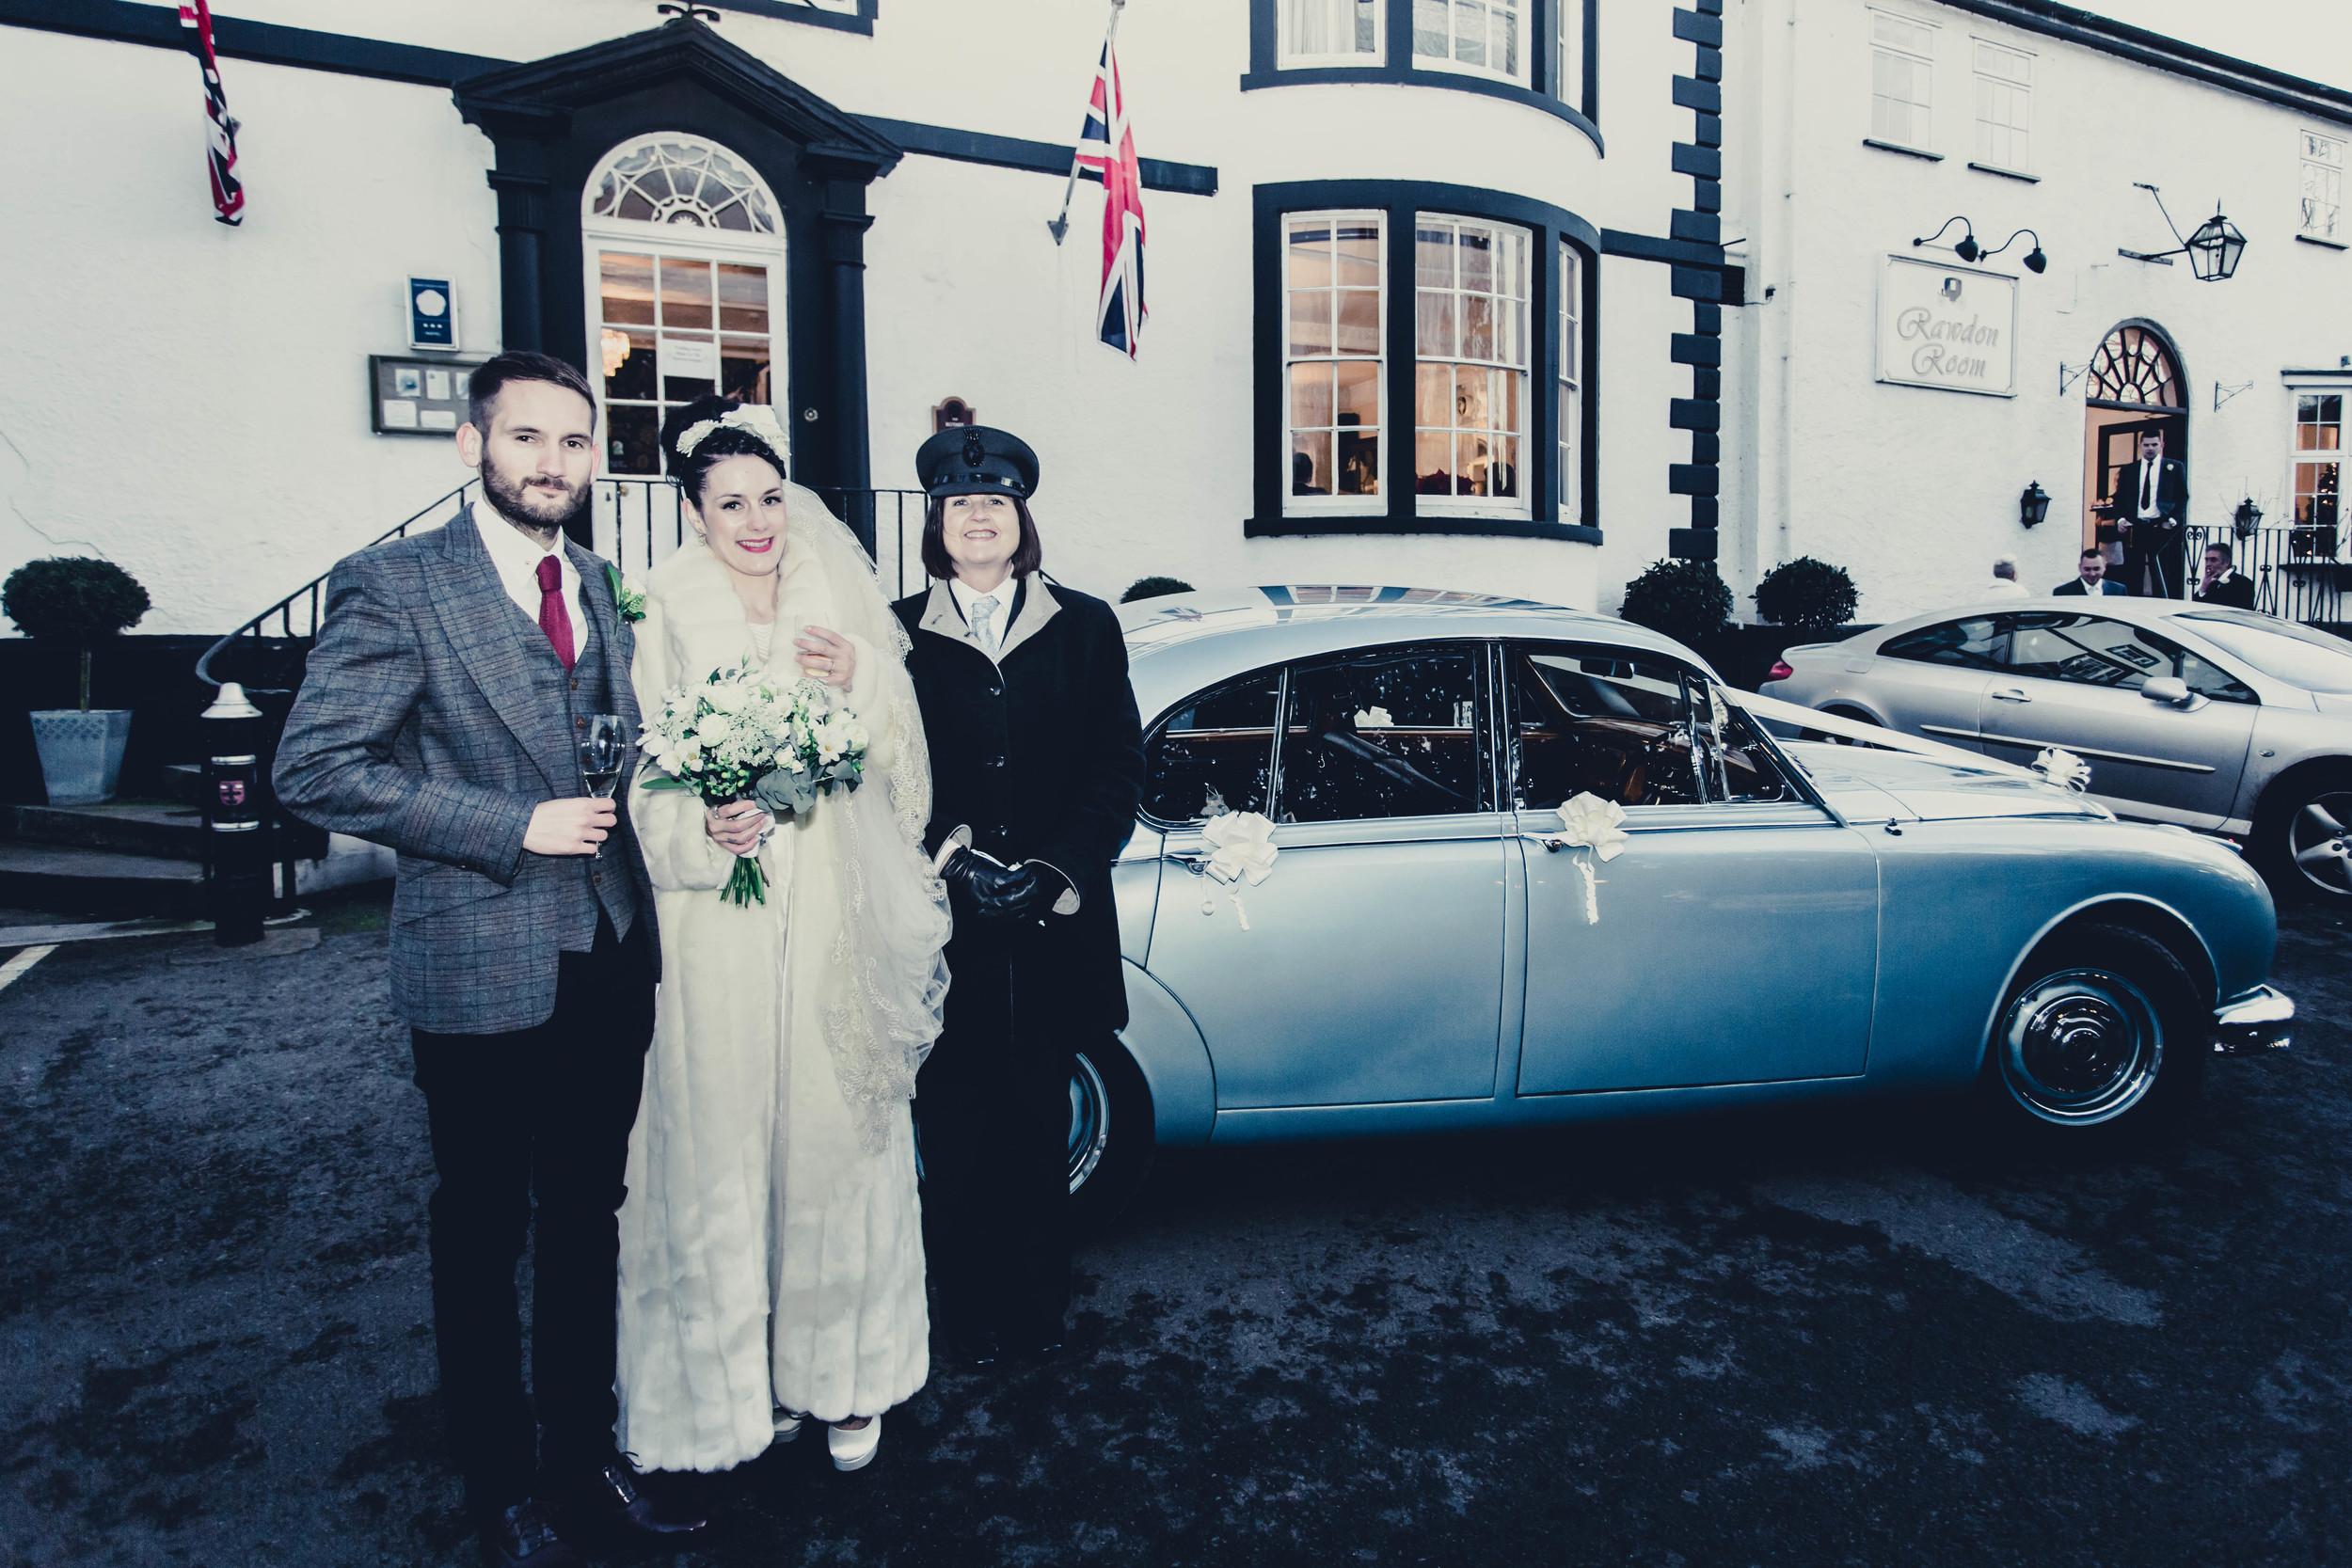 141 - Angela and Karls Wedding by www.markpugh.com -6923.jpg